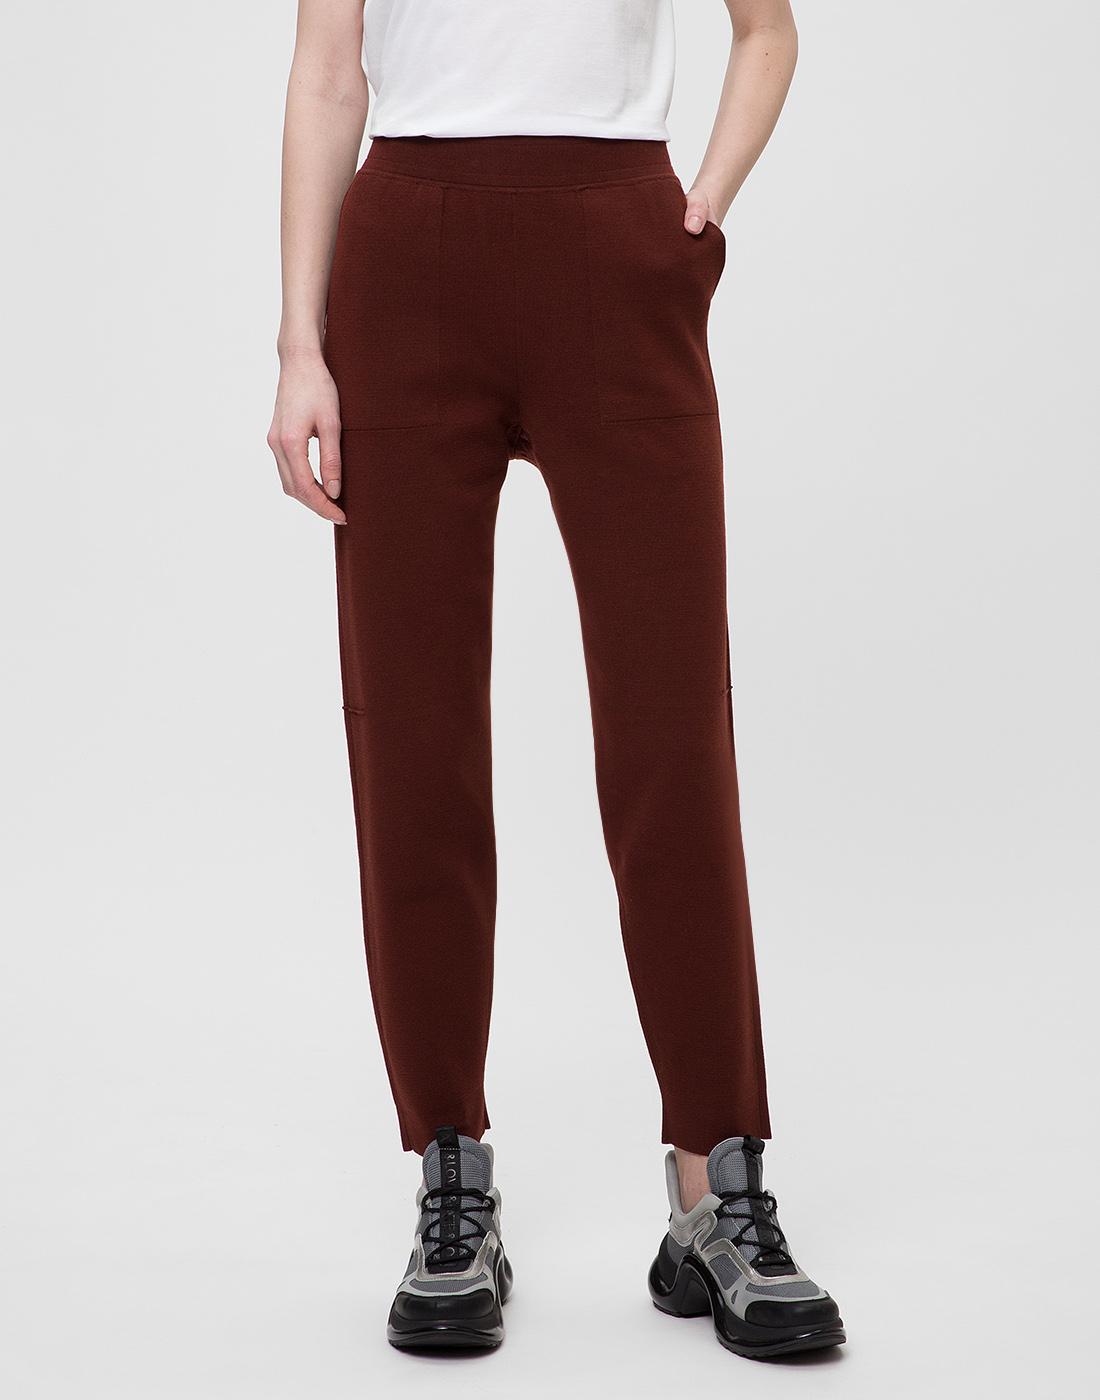 Женские коричневые брюки Falke Fashion S64033/5965-2